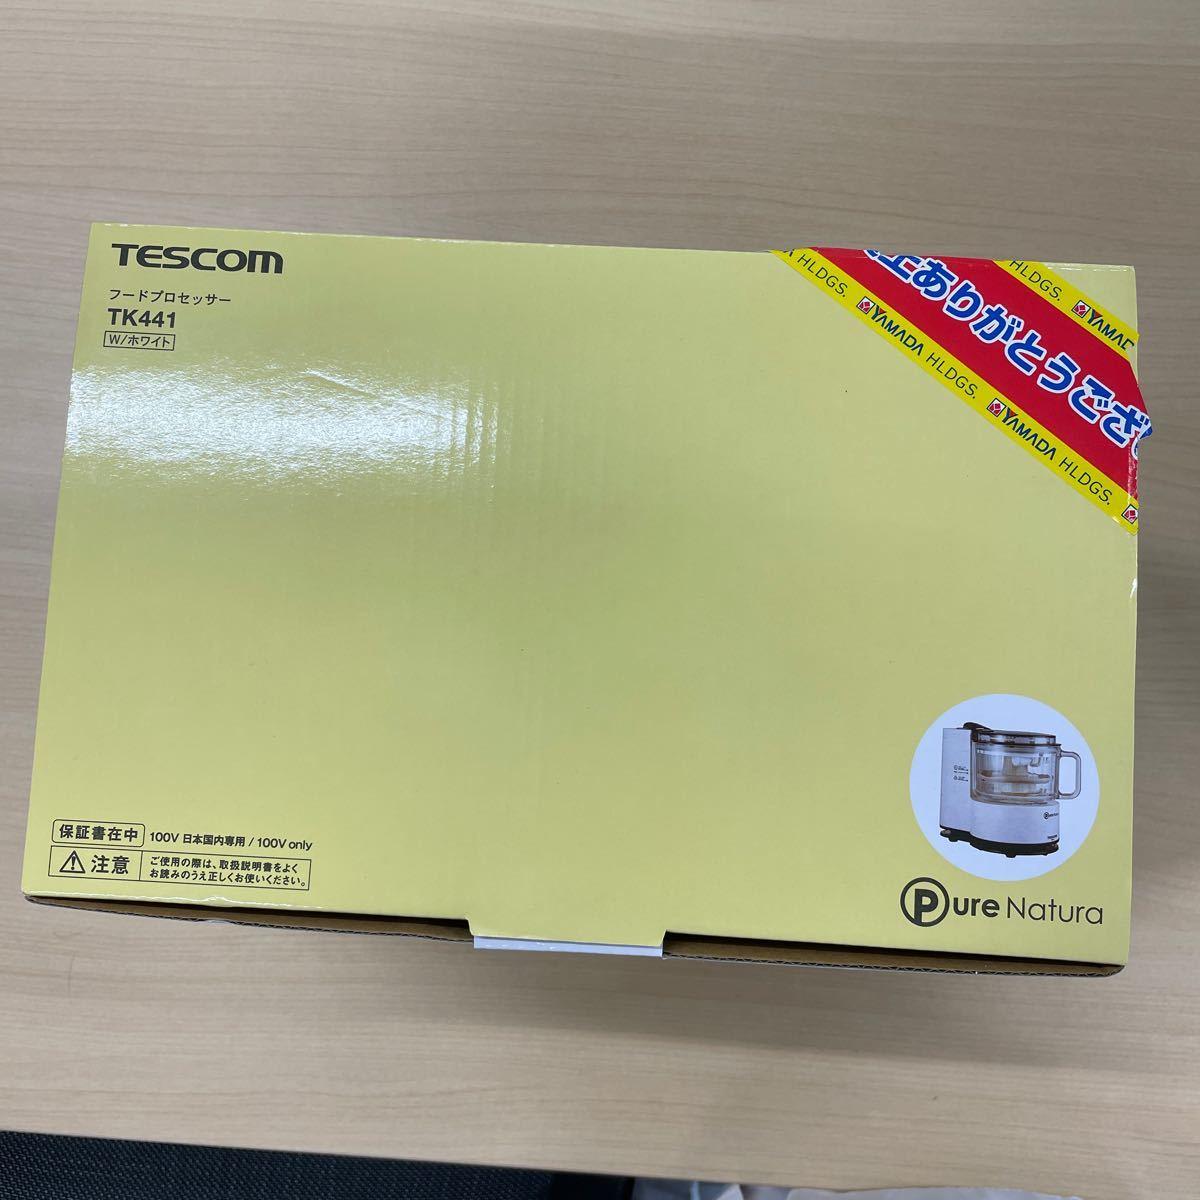 テスコム TESCOM フードプロセッサー TK441 ホワイト ミキサー 新品